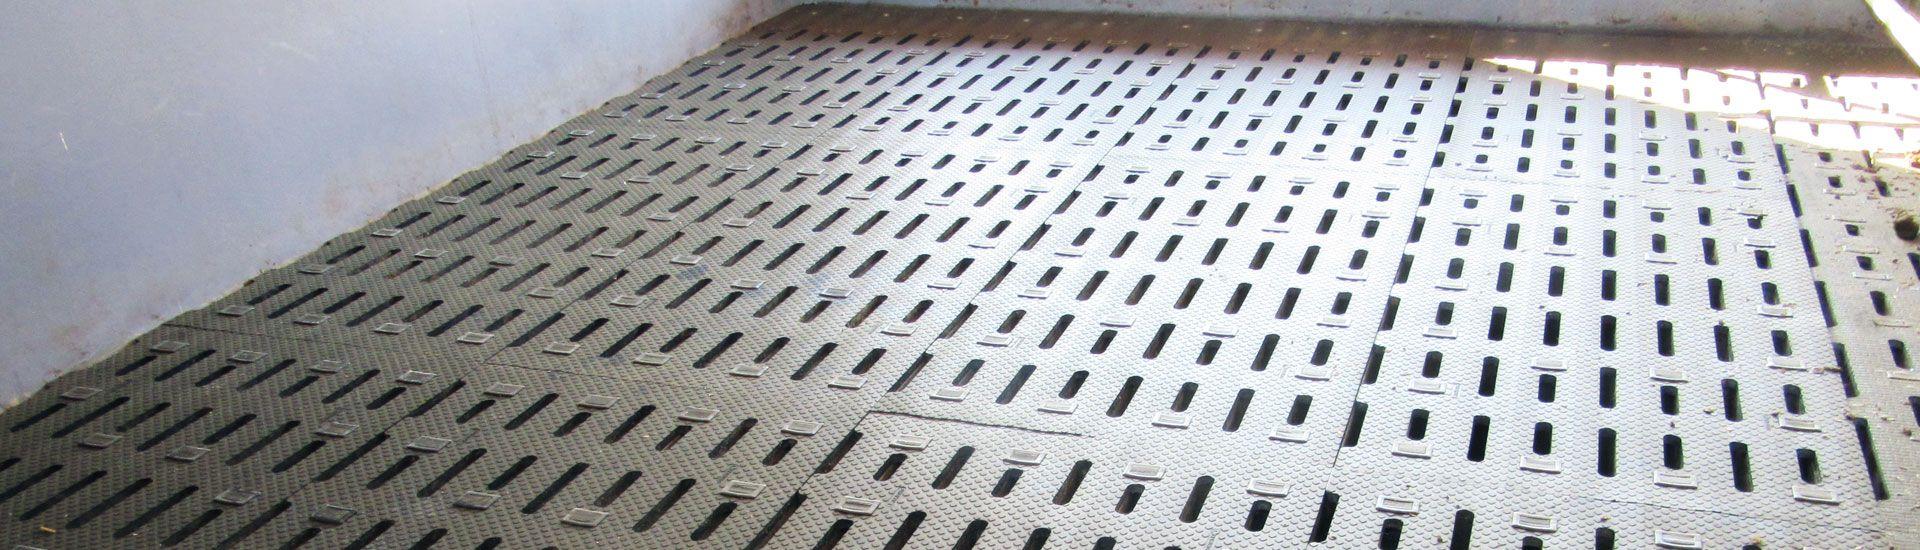 KRAIBURG rubber mats for slatted floors in cattle housing